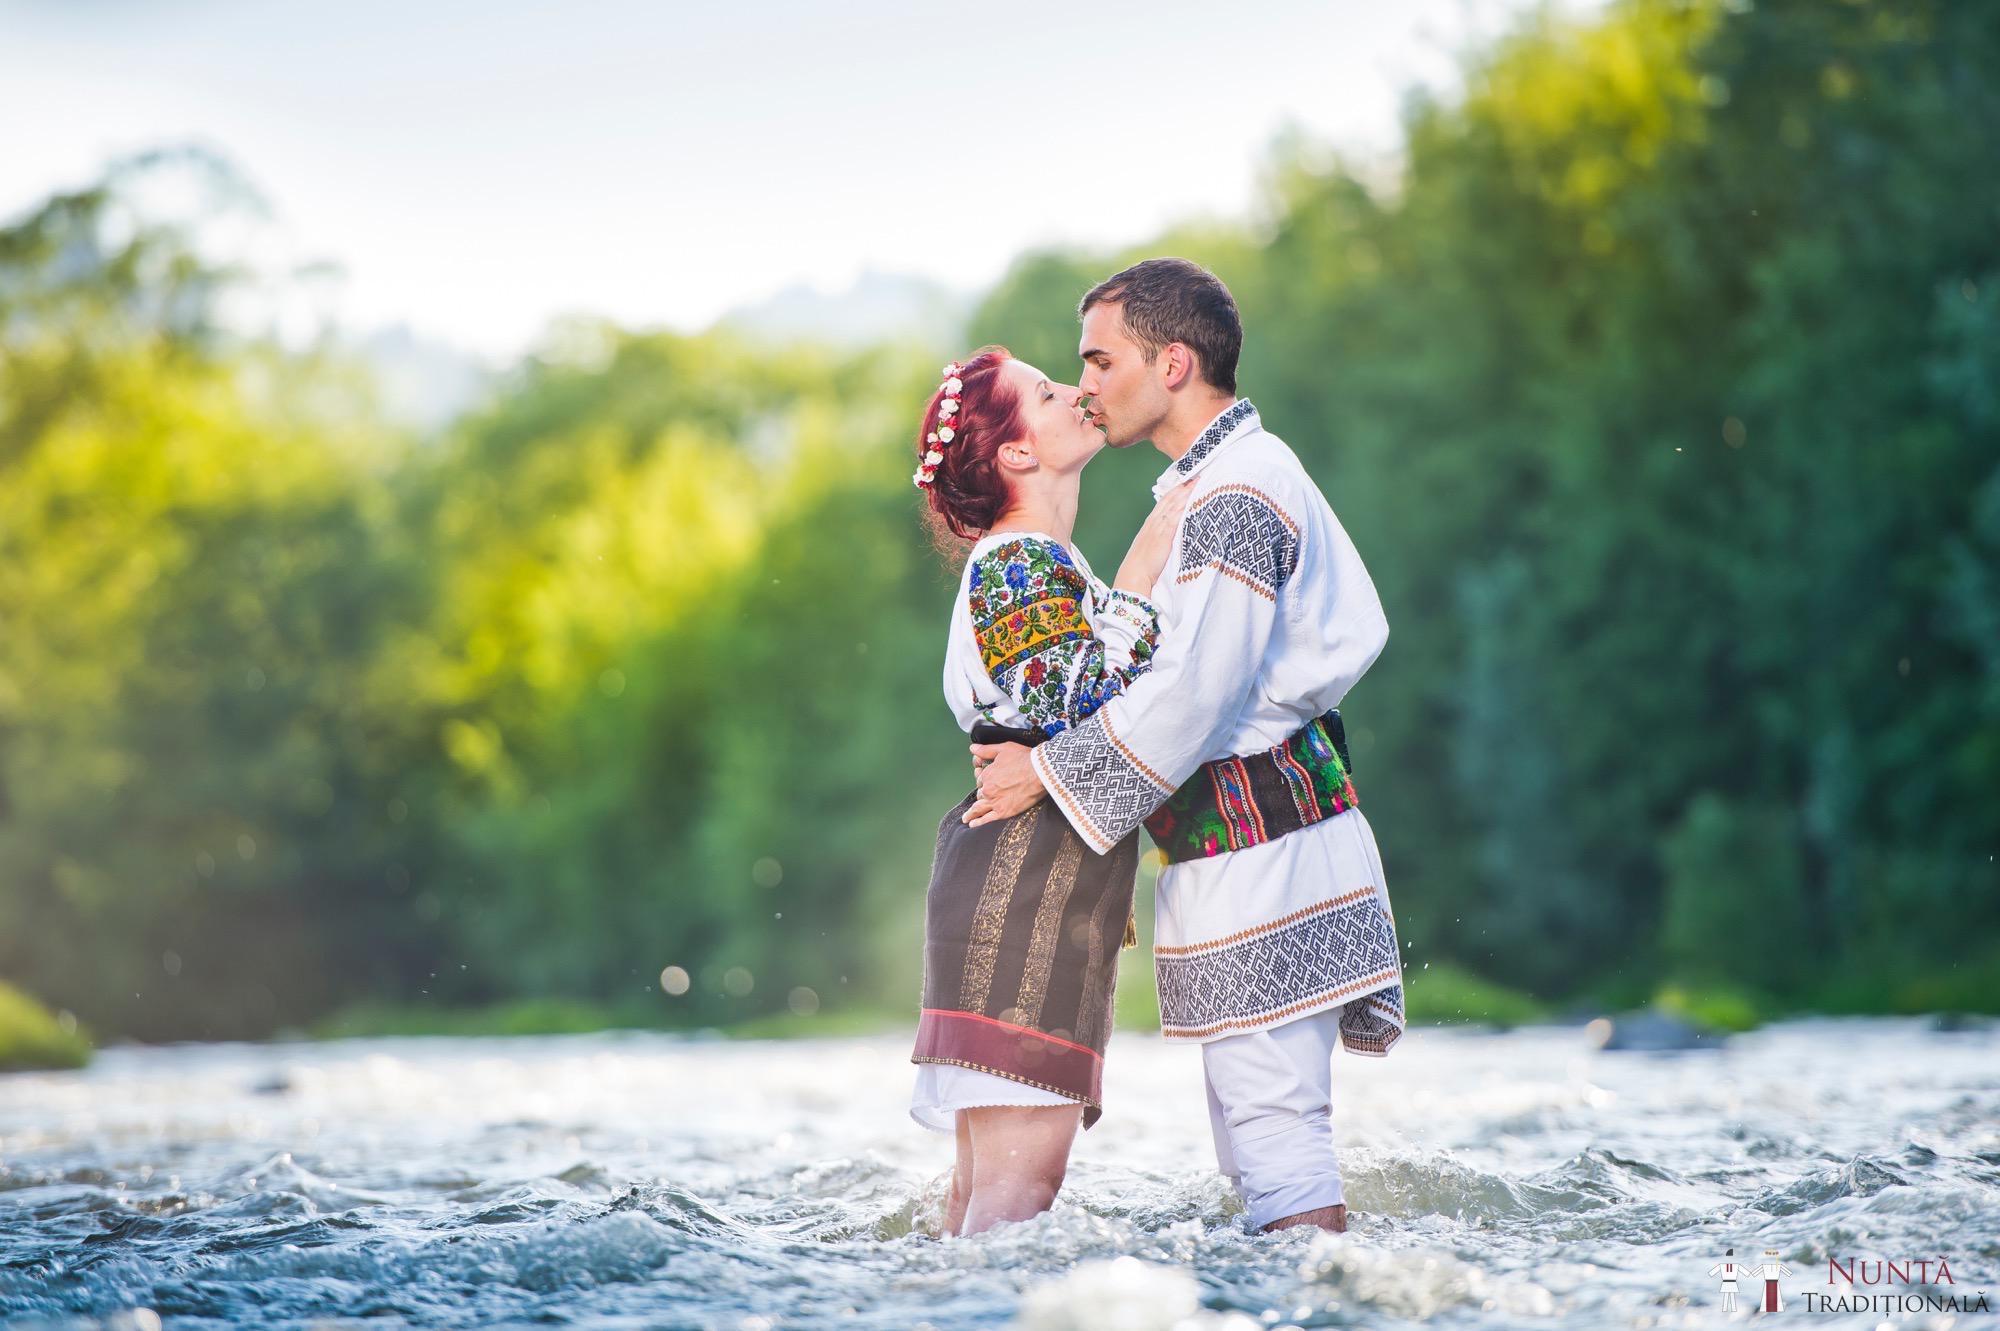 Povești Nunți Tradiționale - Gabriela și Mădălin - Nuntă Tradițională în Suceava, Bucovina 11